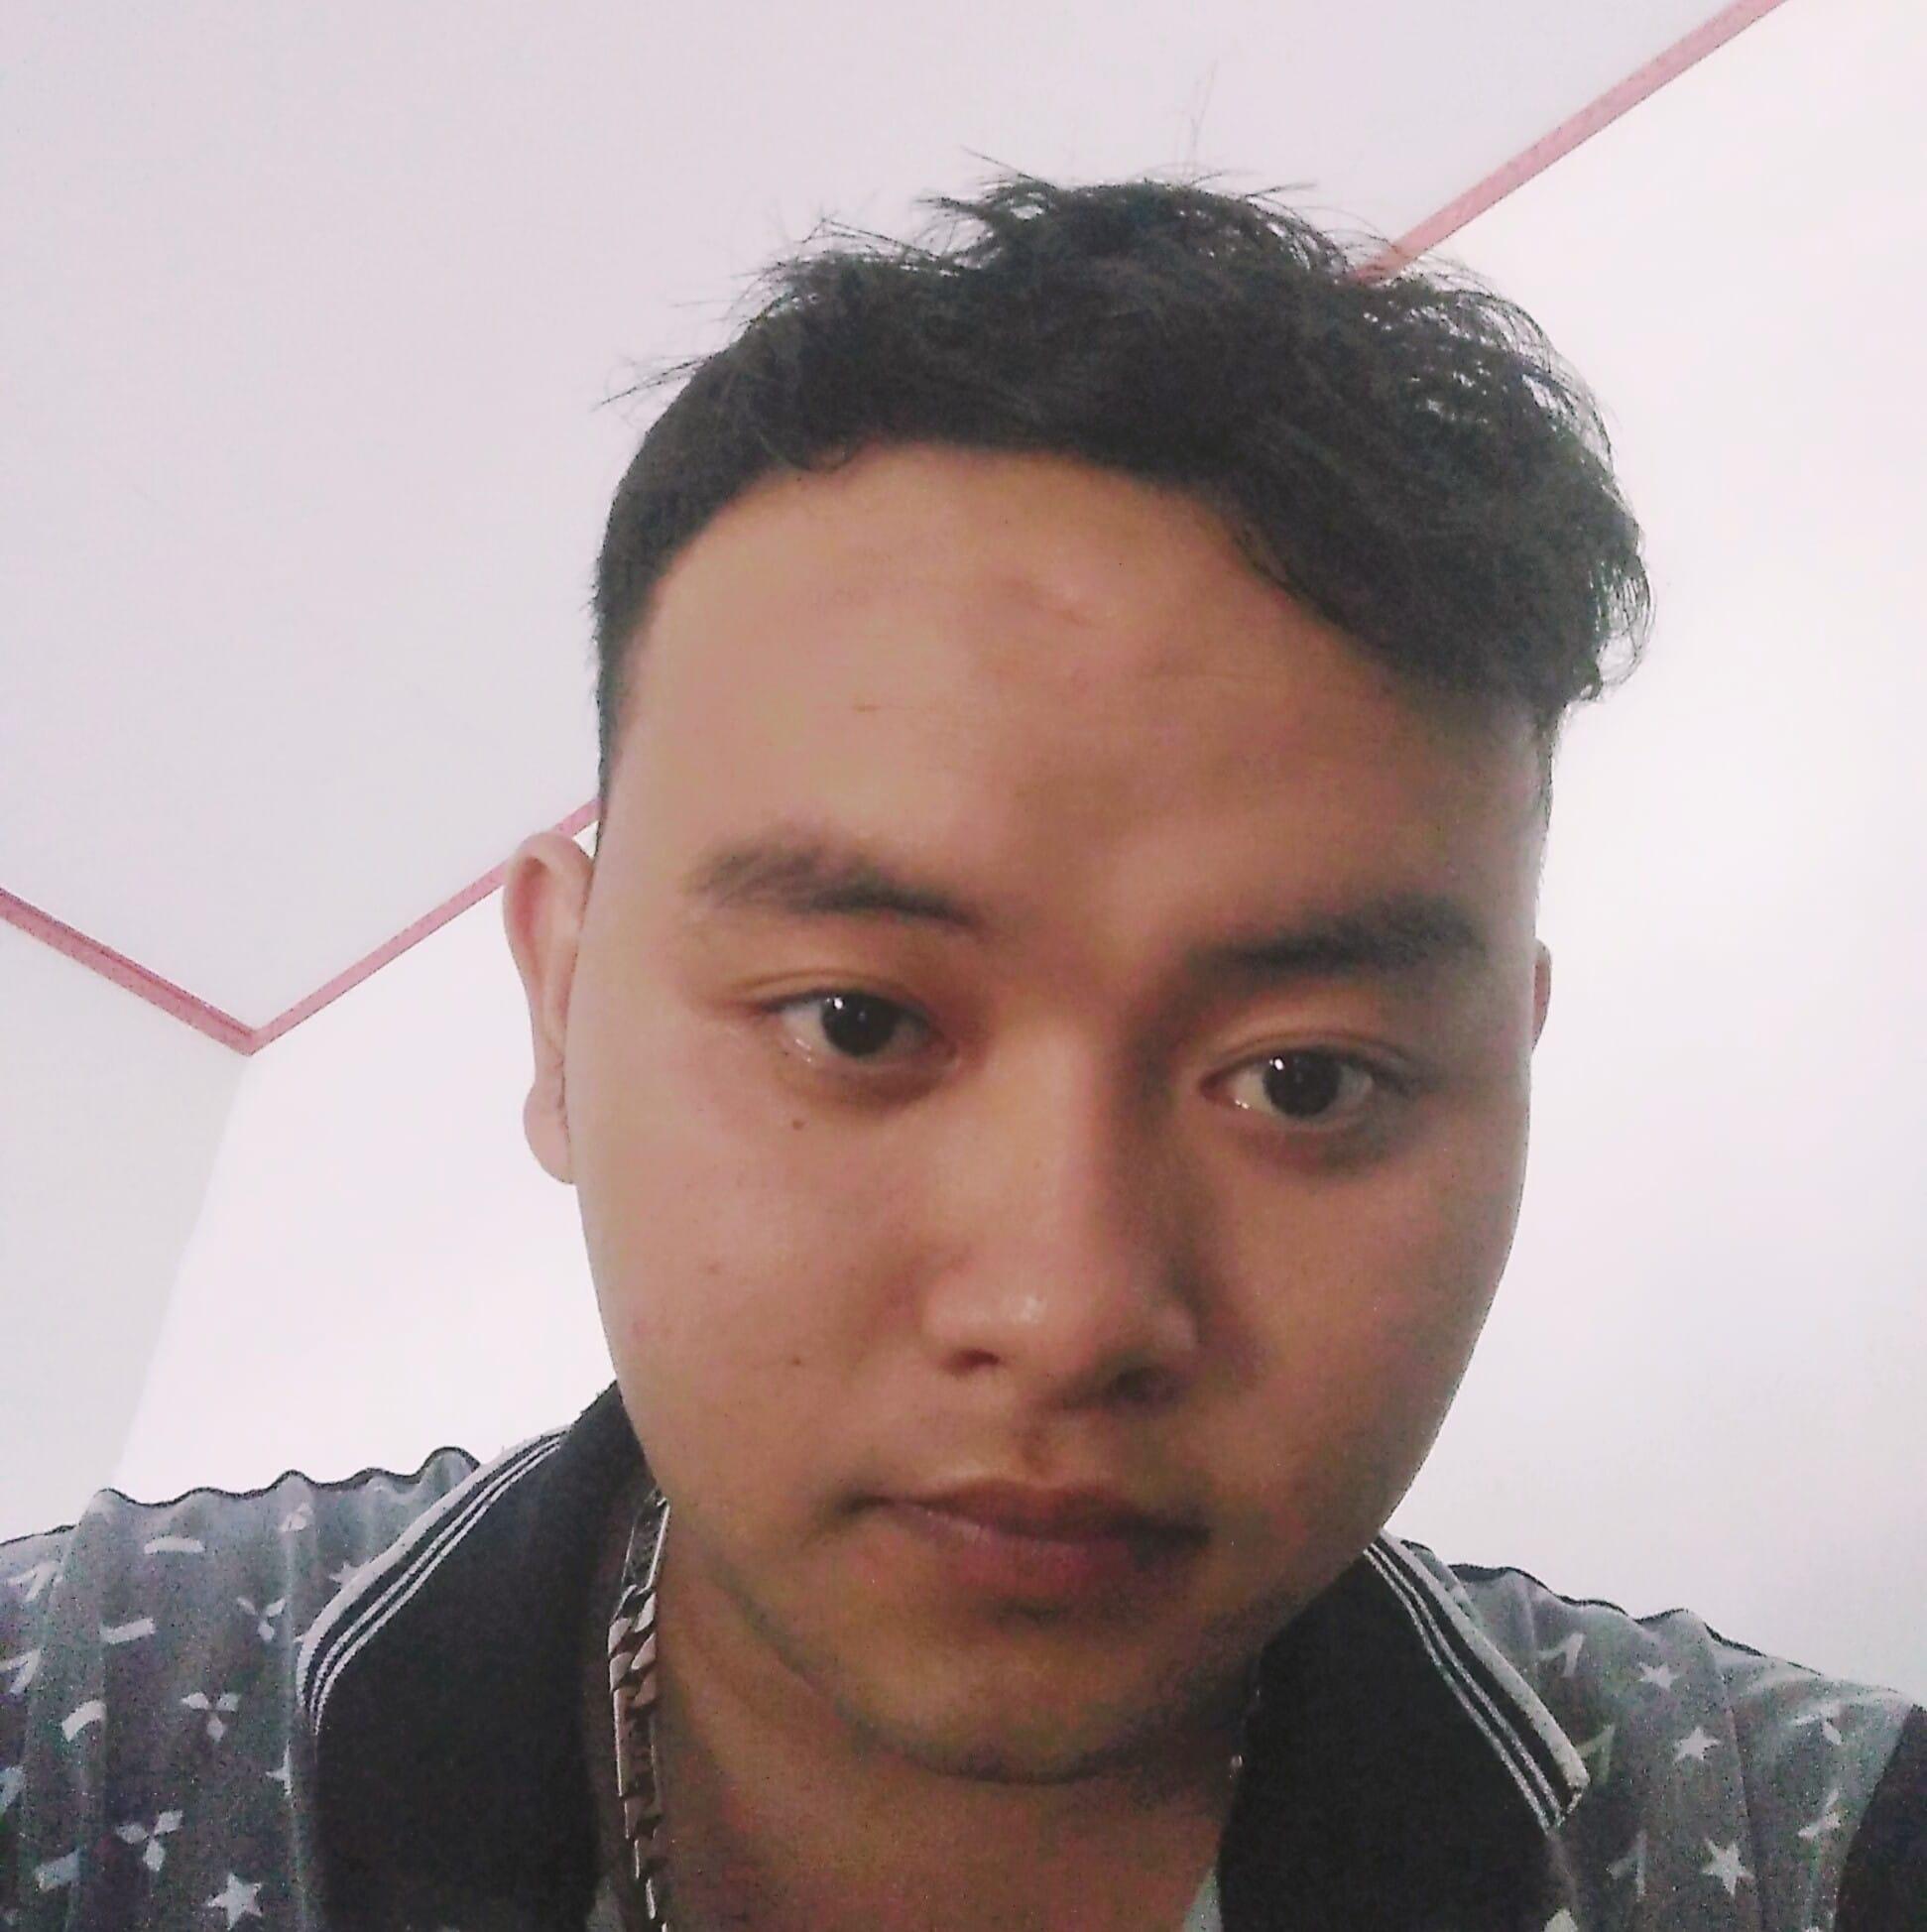 HOANG DINH TUONG